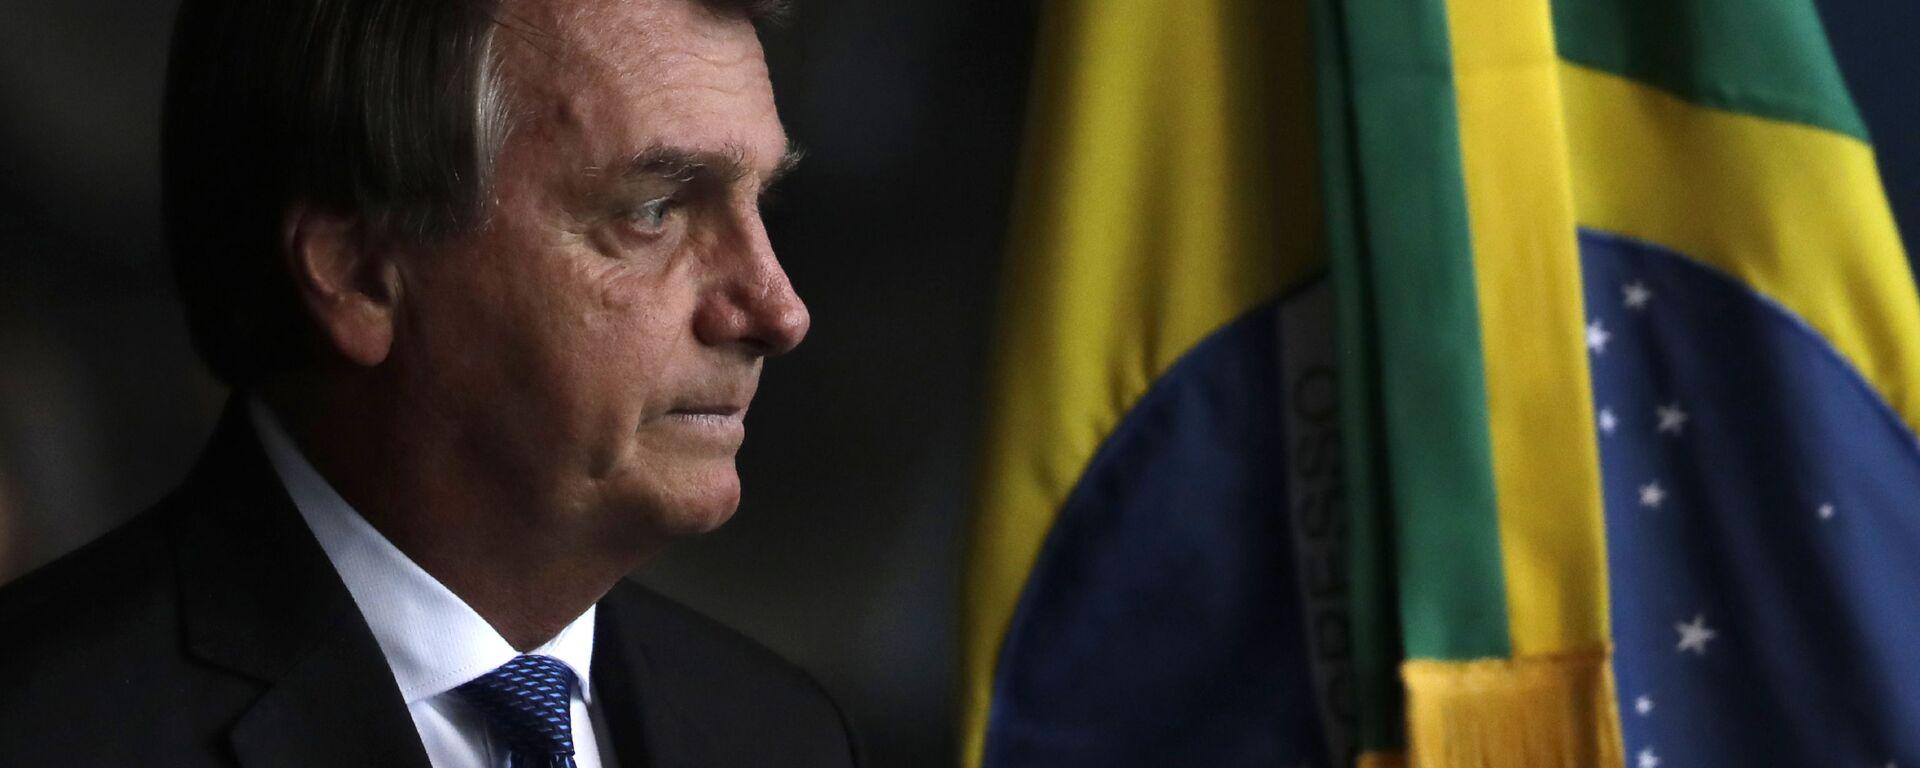 Jair Bolsonaro, presidente del Brasile - Sputnik Italia, 1920, 06.05.2021